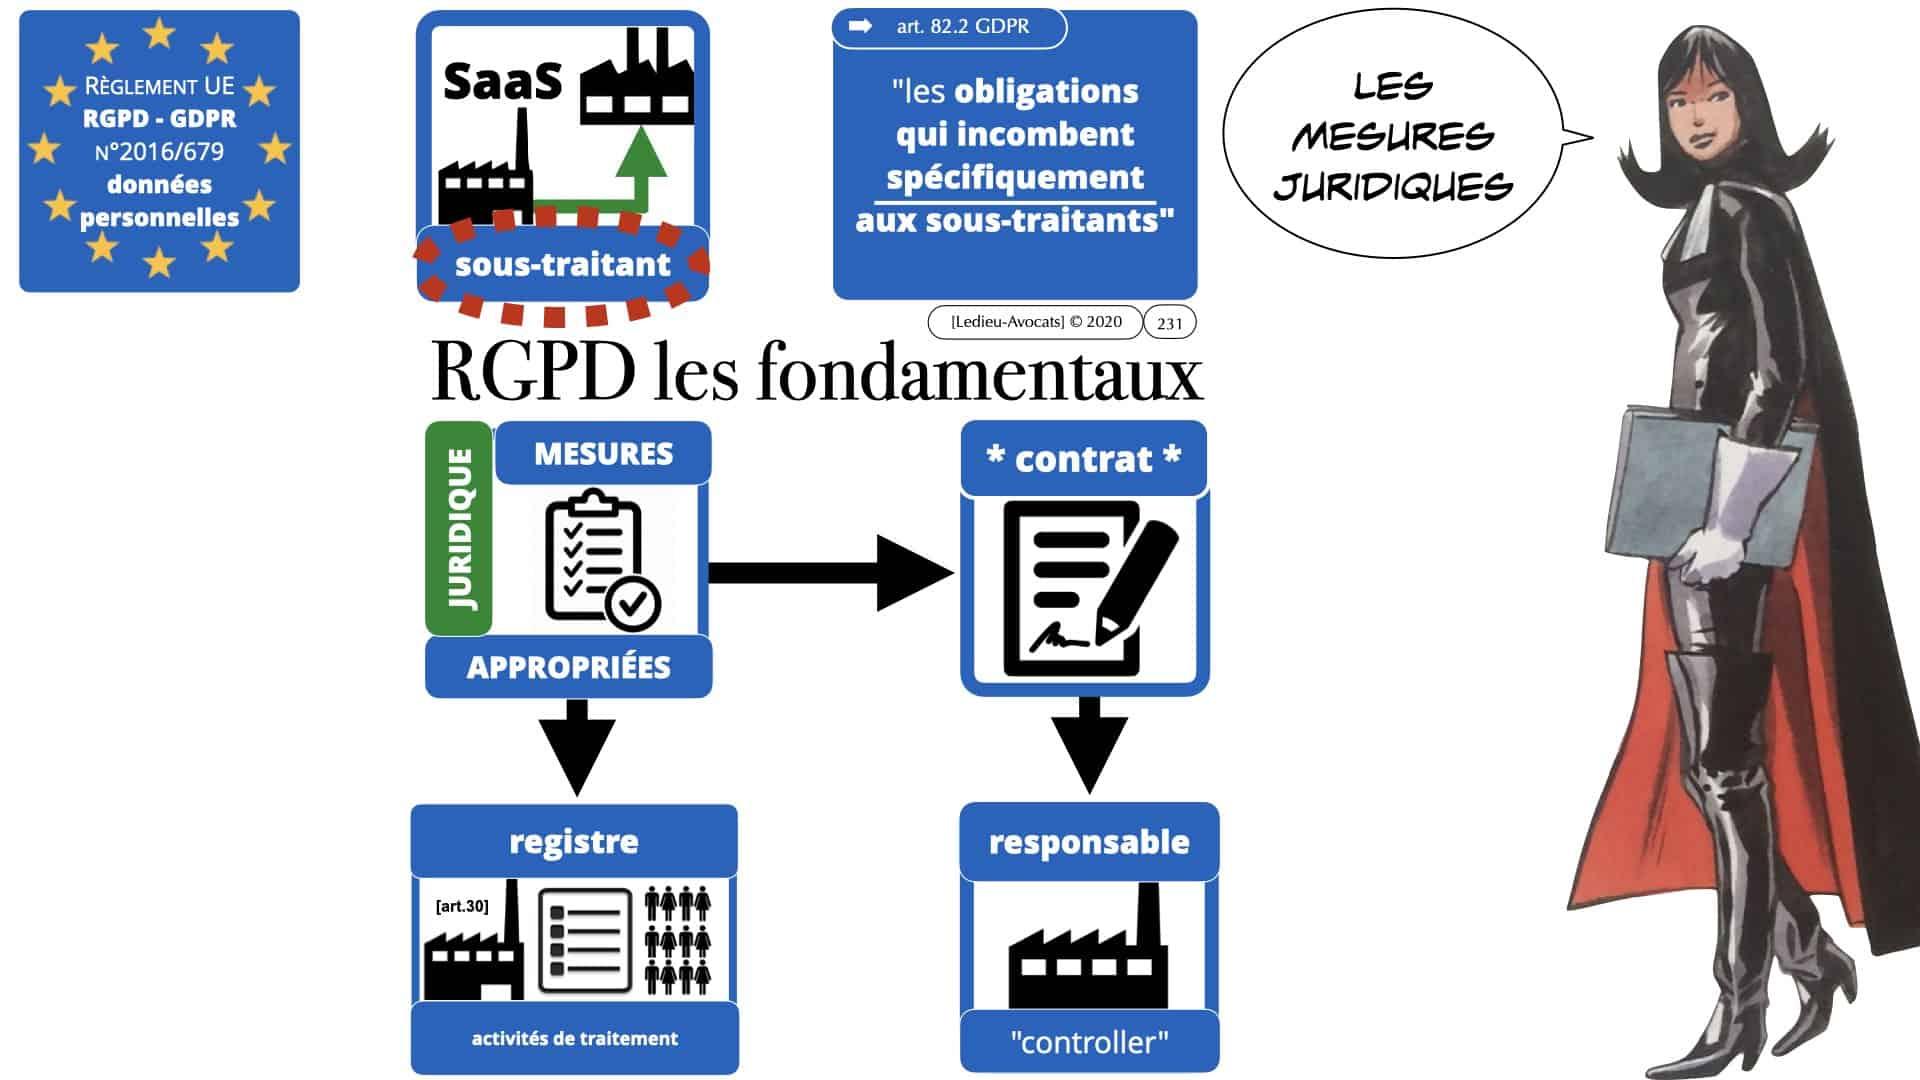 RGPD e-Privacy données personnelles jurisprudence formation Lamy Les Echos 10-02-2021 ©Ledieu-Avocats.231